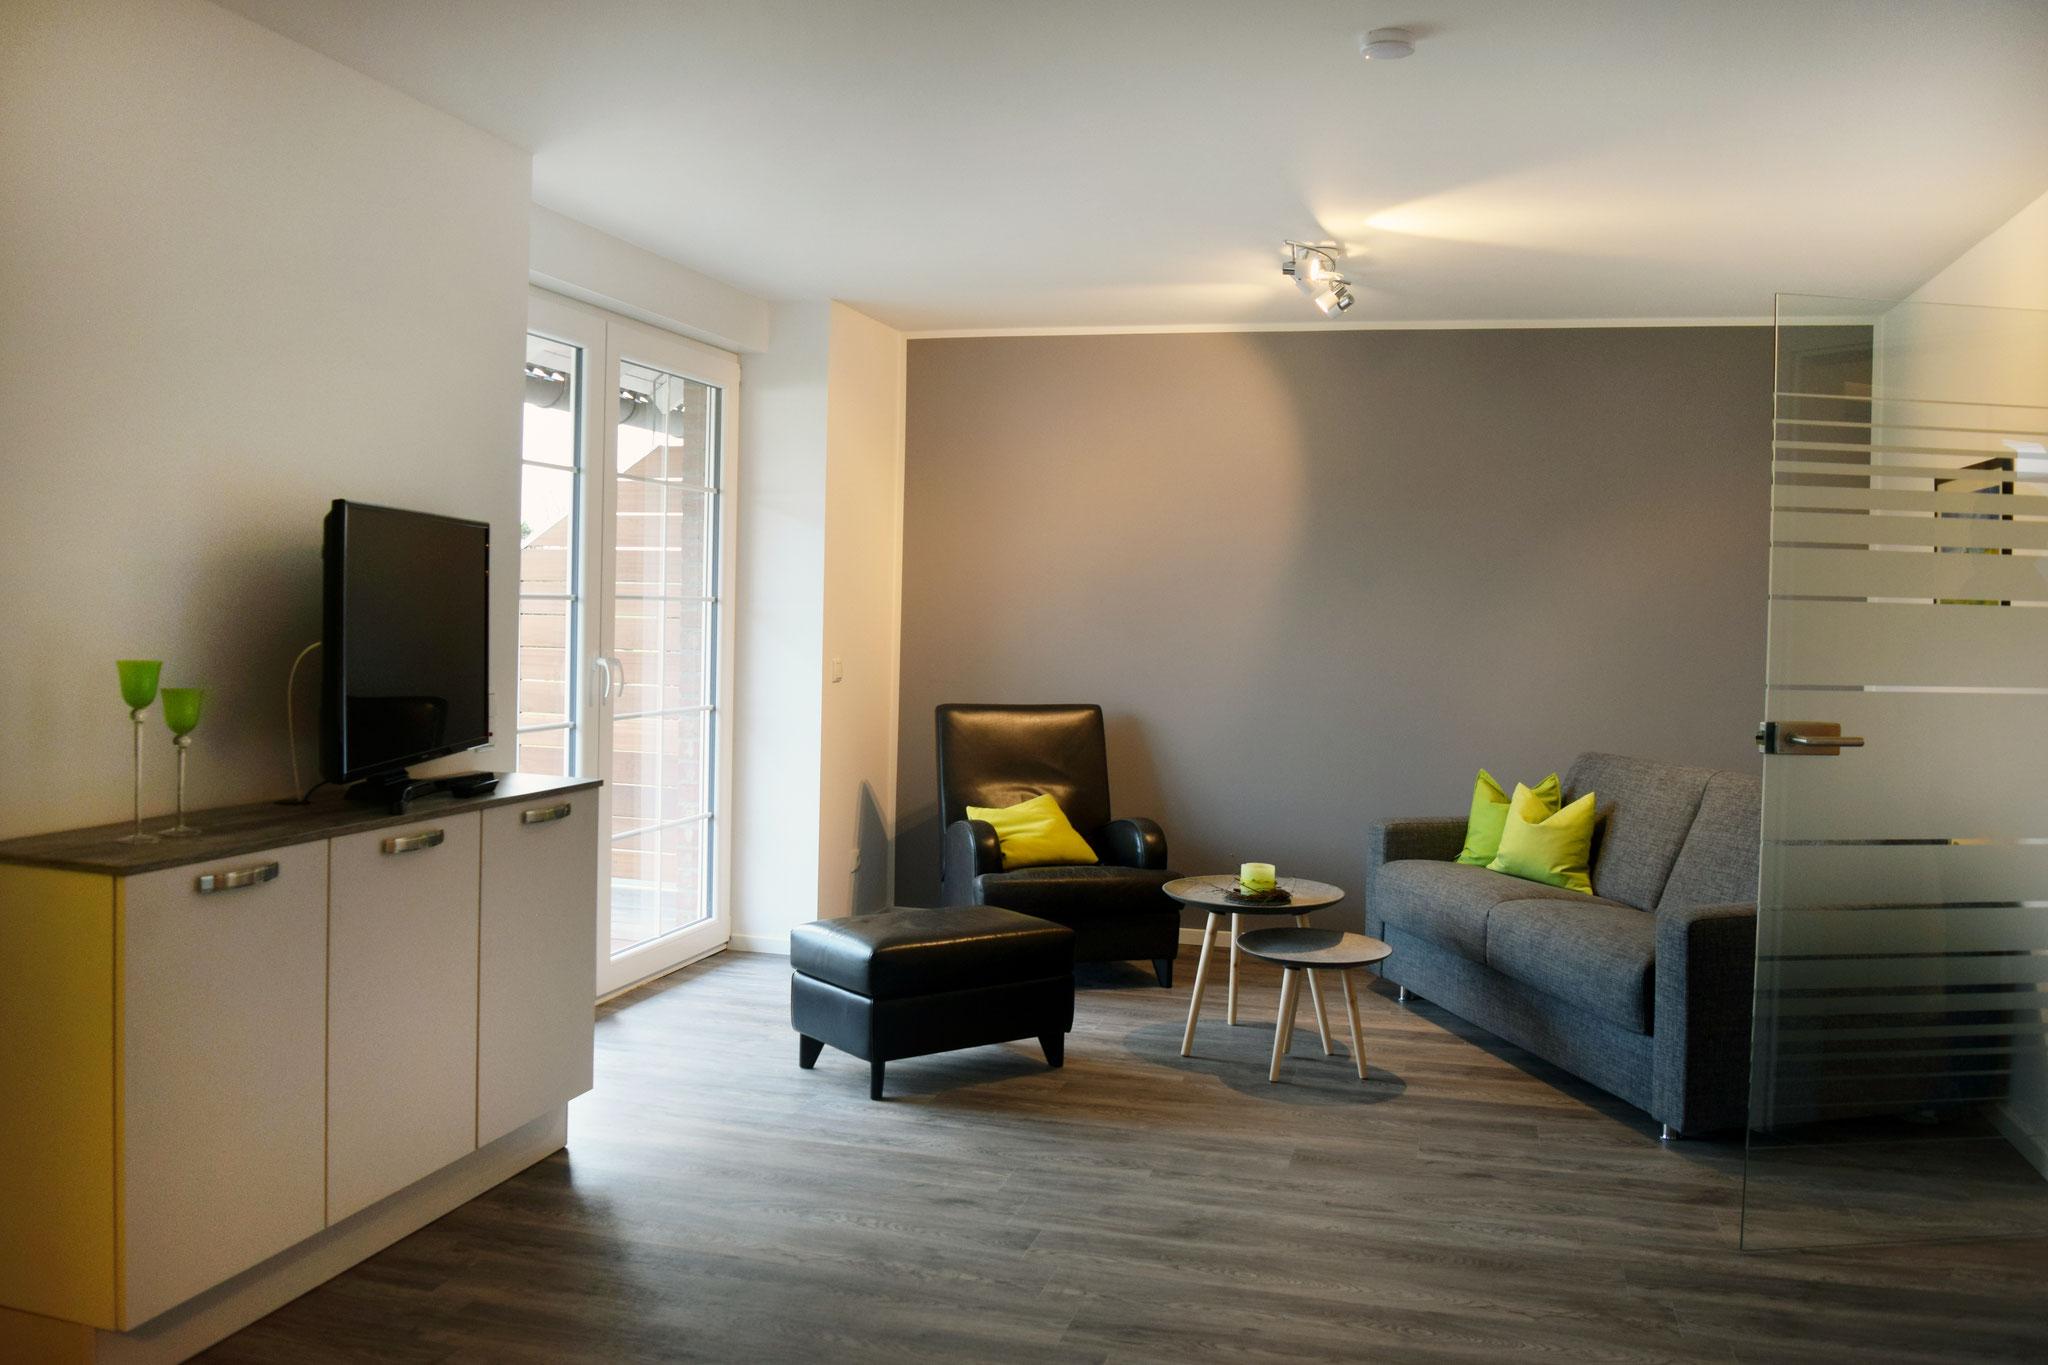 Wohnberiech mit Sofa, Ledersessel und Beistelltisch